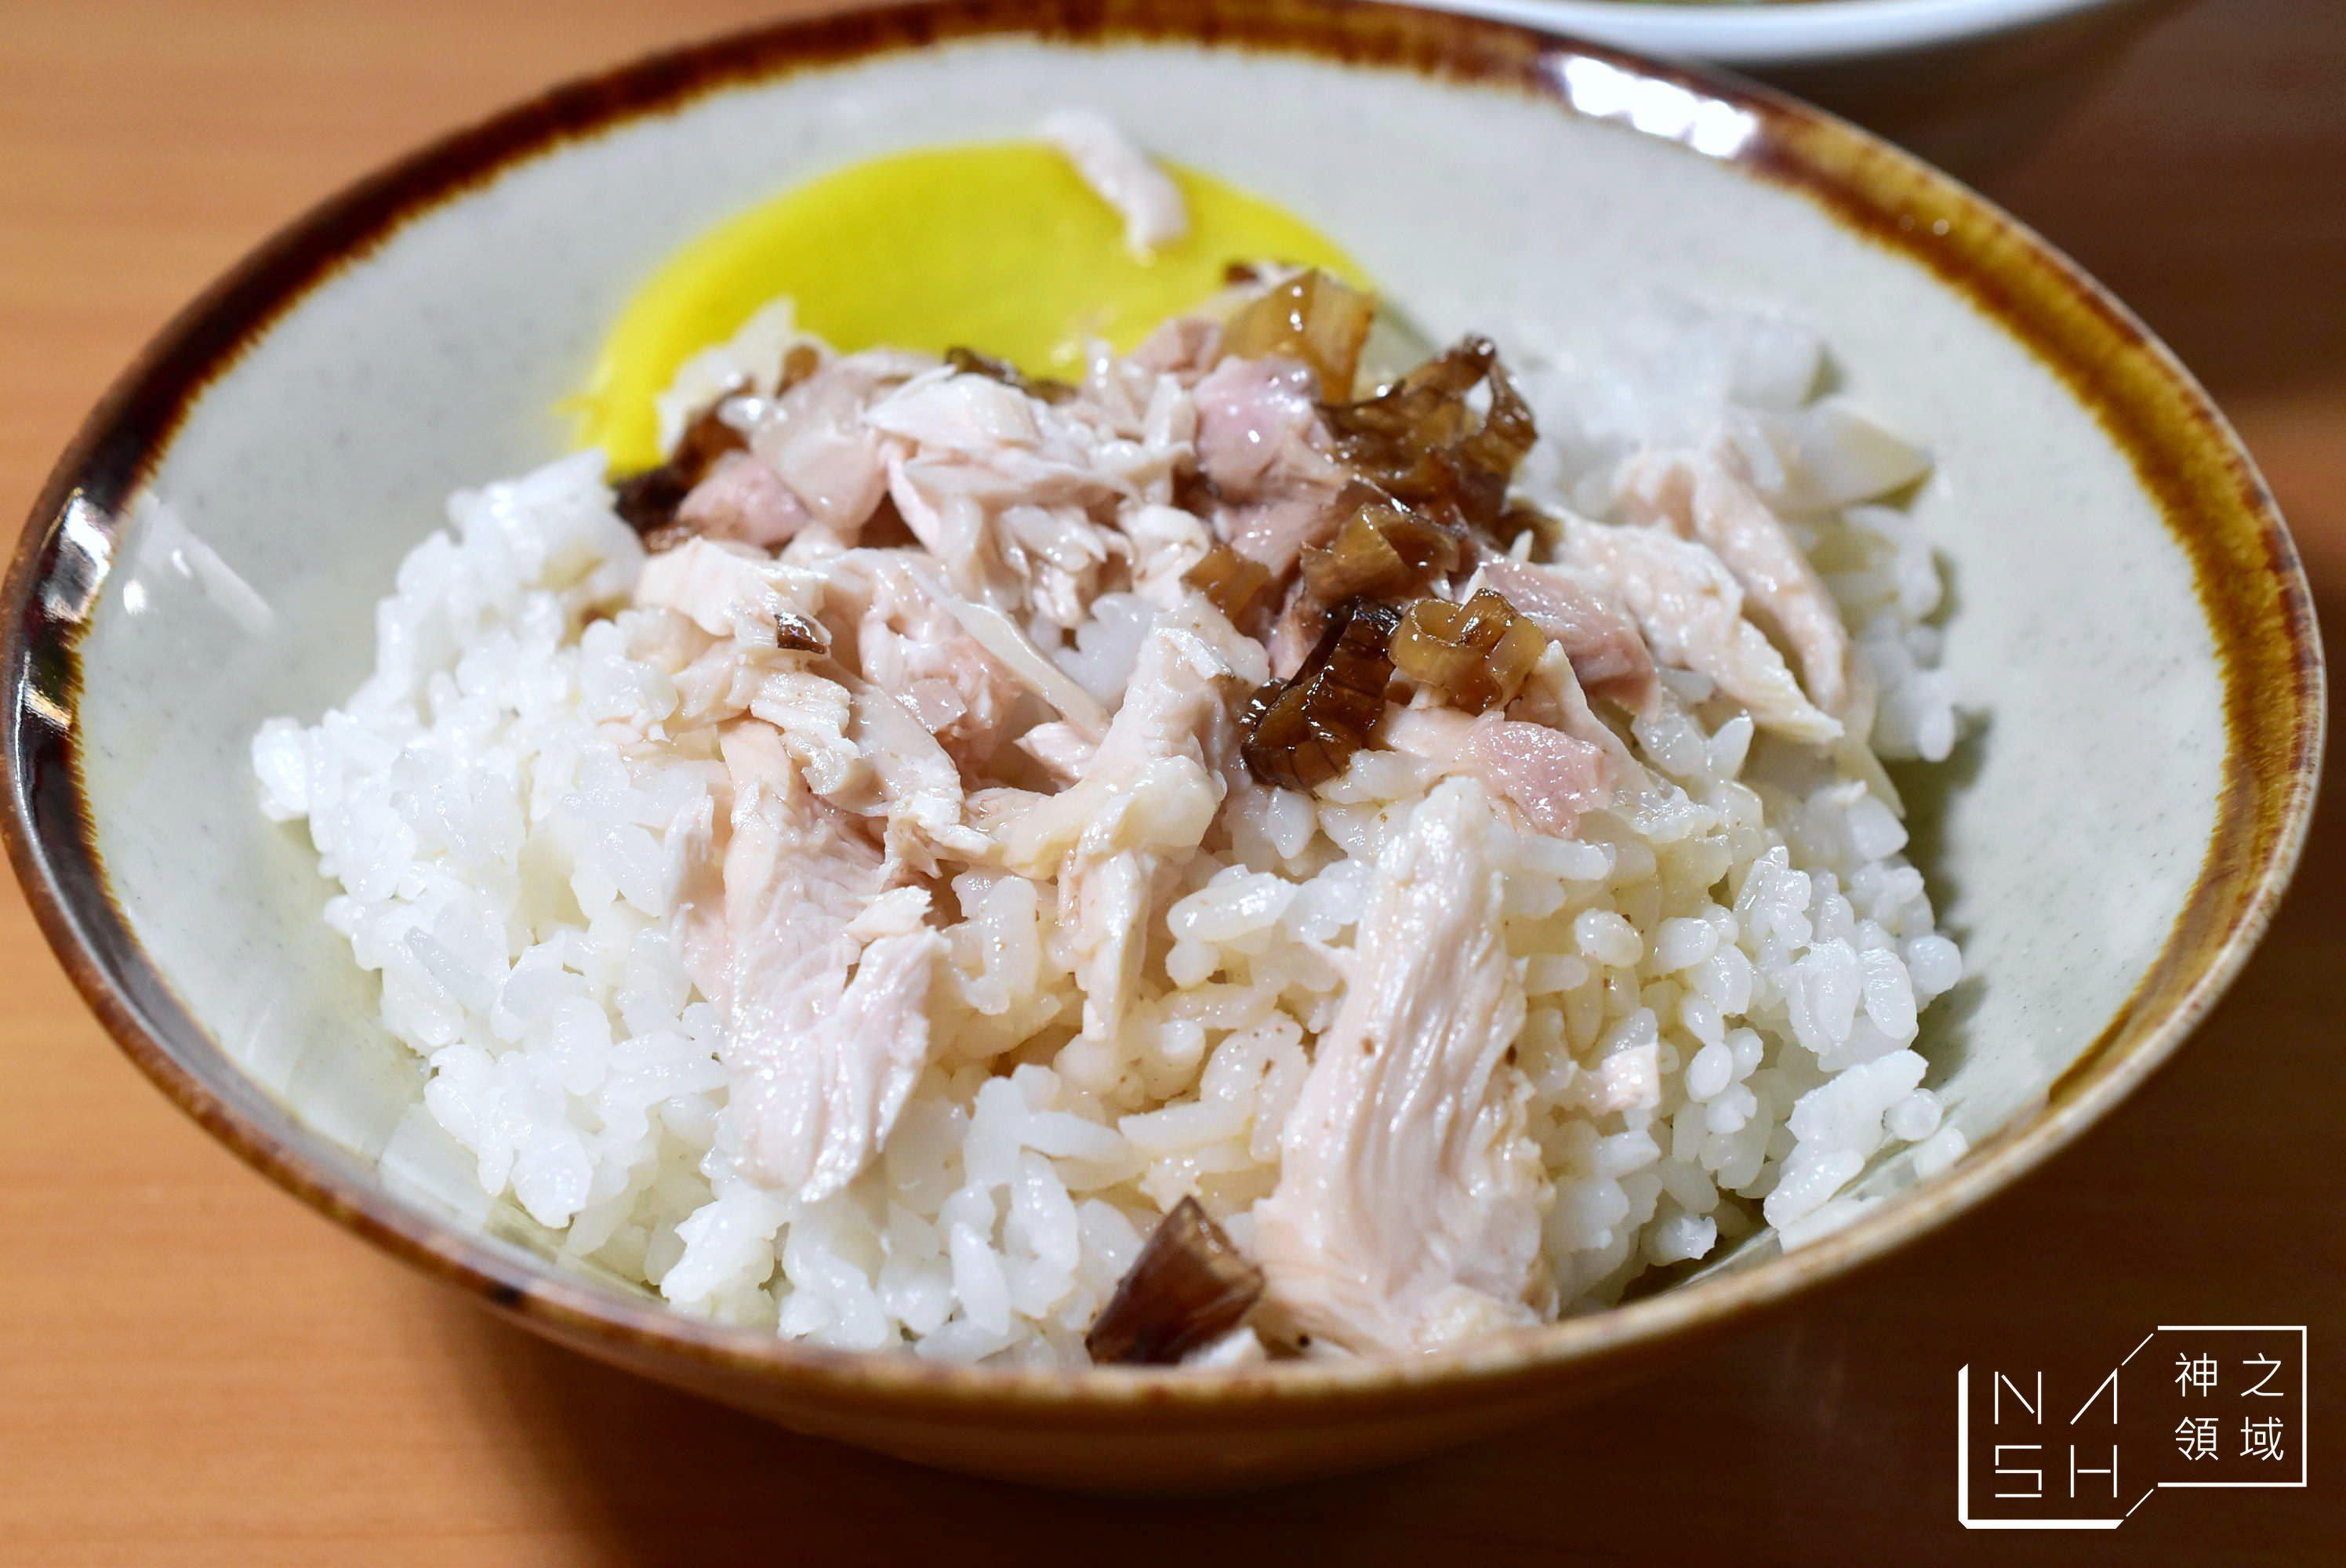 眼鏡火雞肉飯|嘉義火雞肉飯 觀光客不可能吃過的火雞肉飯 (菜單價錢)